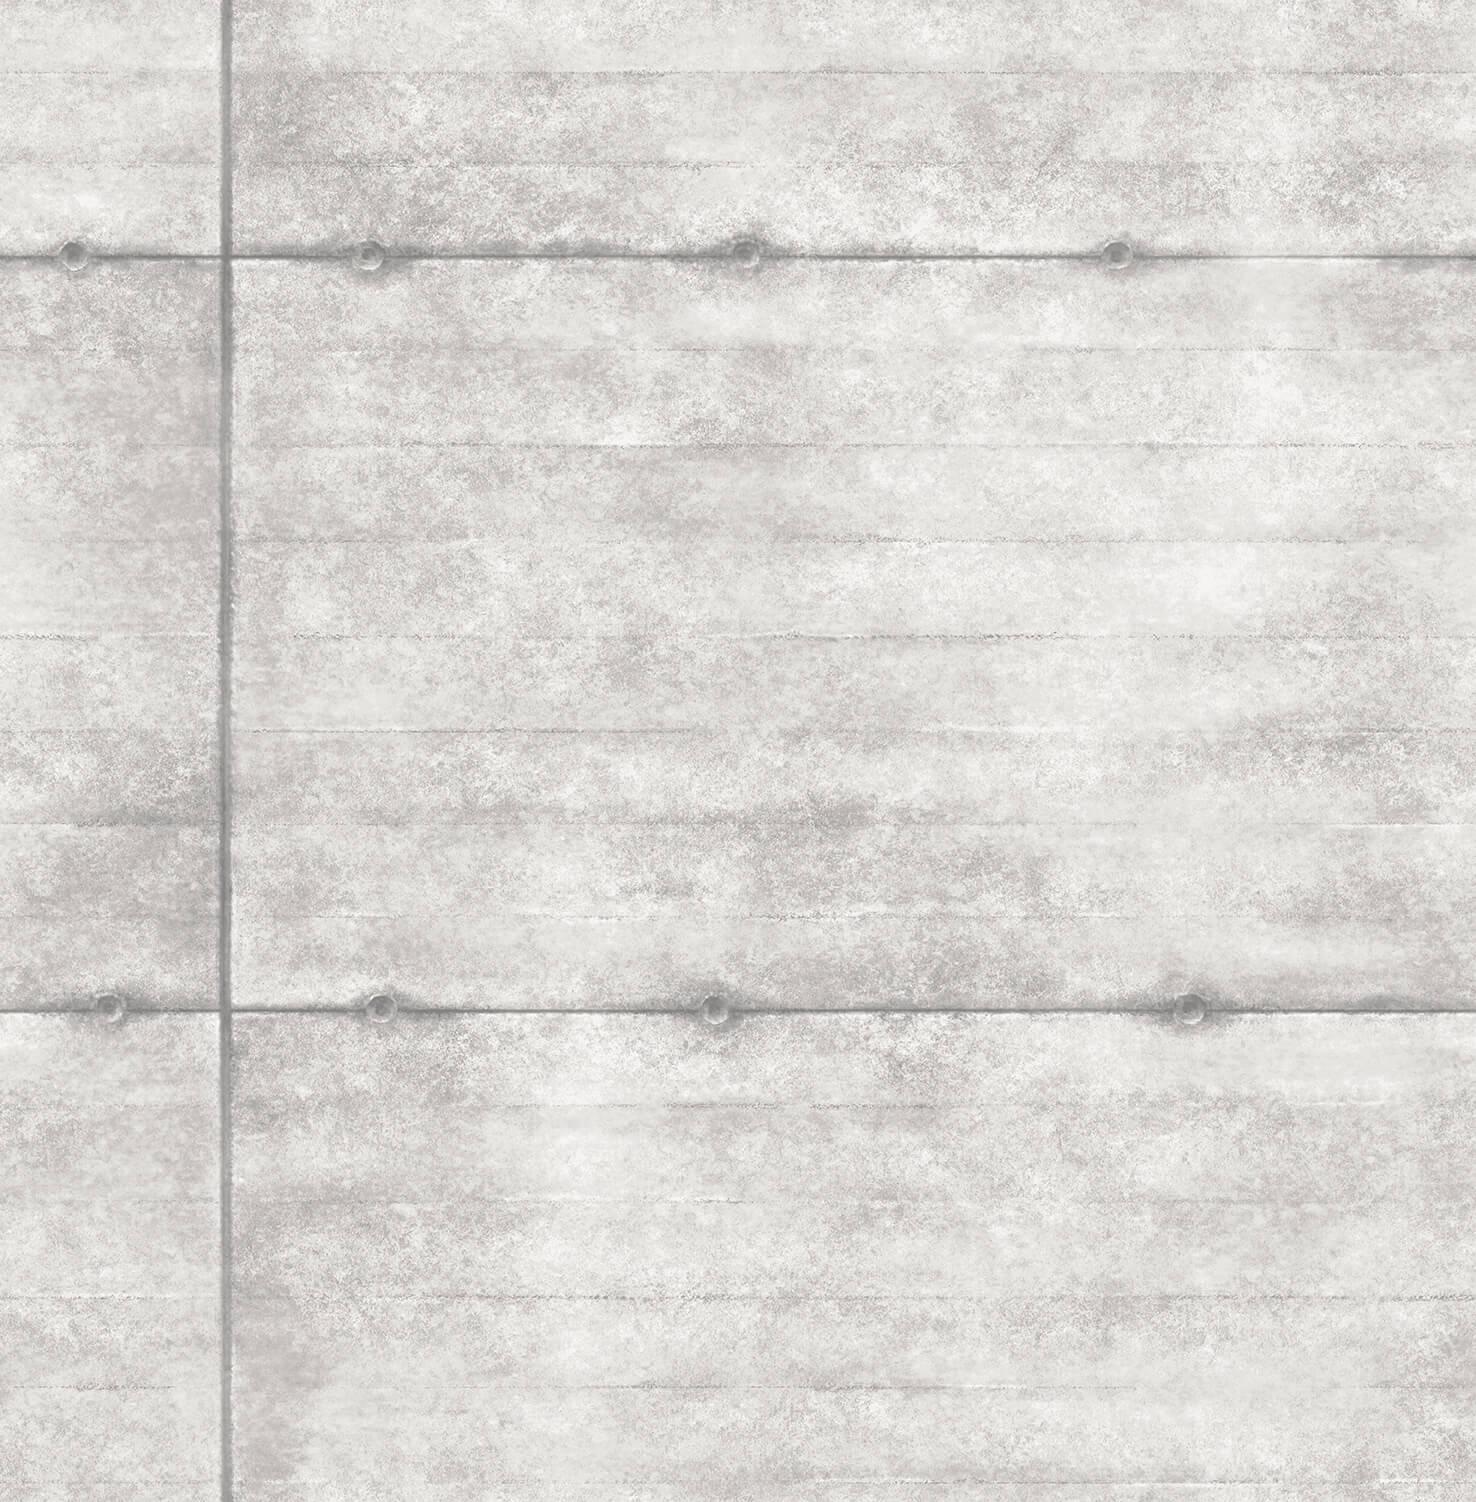 Full Size of Tapete Stein Beton Wand World Wide Walls Grau 022314 Betonoptik Küche Wohnzimmer Tapeten Ideen Für Die Fototapete Schlafzimmer Fototapeten Modern Wohnzimmer Tapete Betonoptik